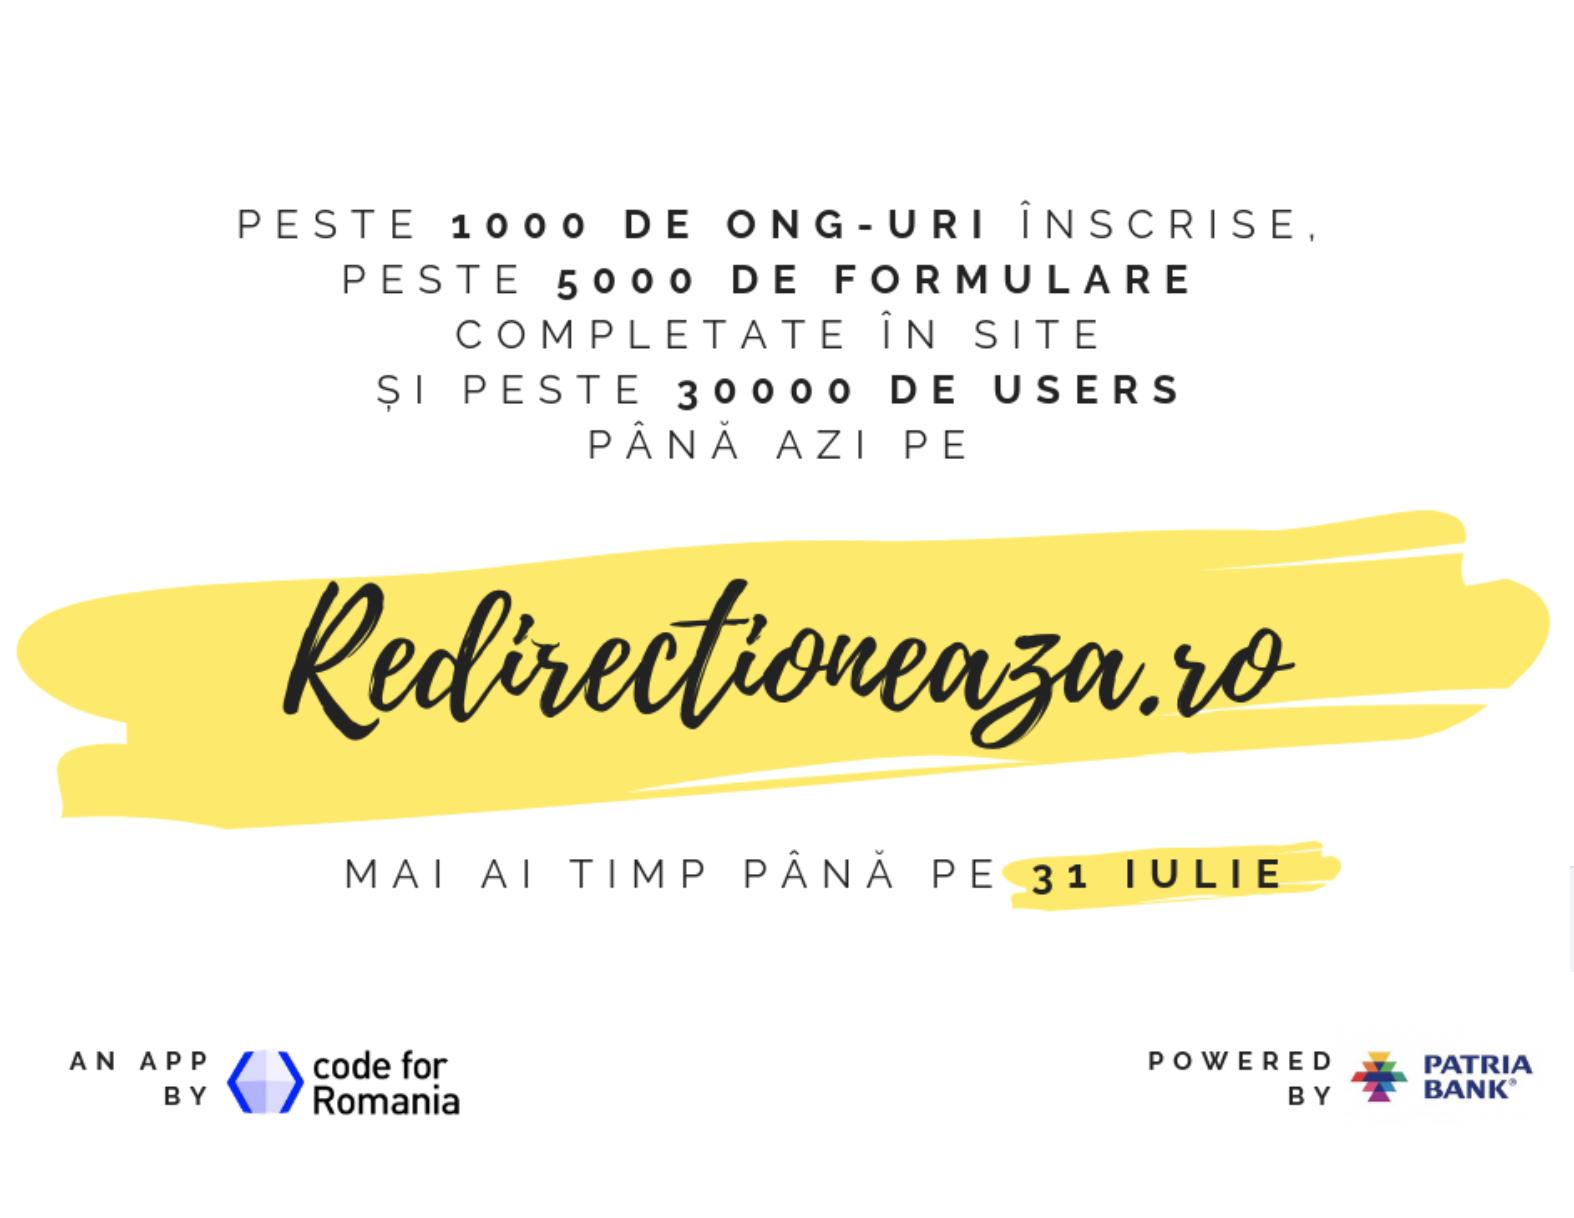 Redirectioneaza.ro